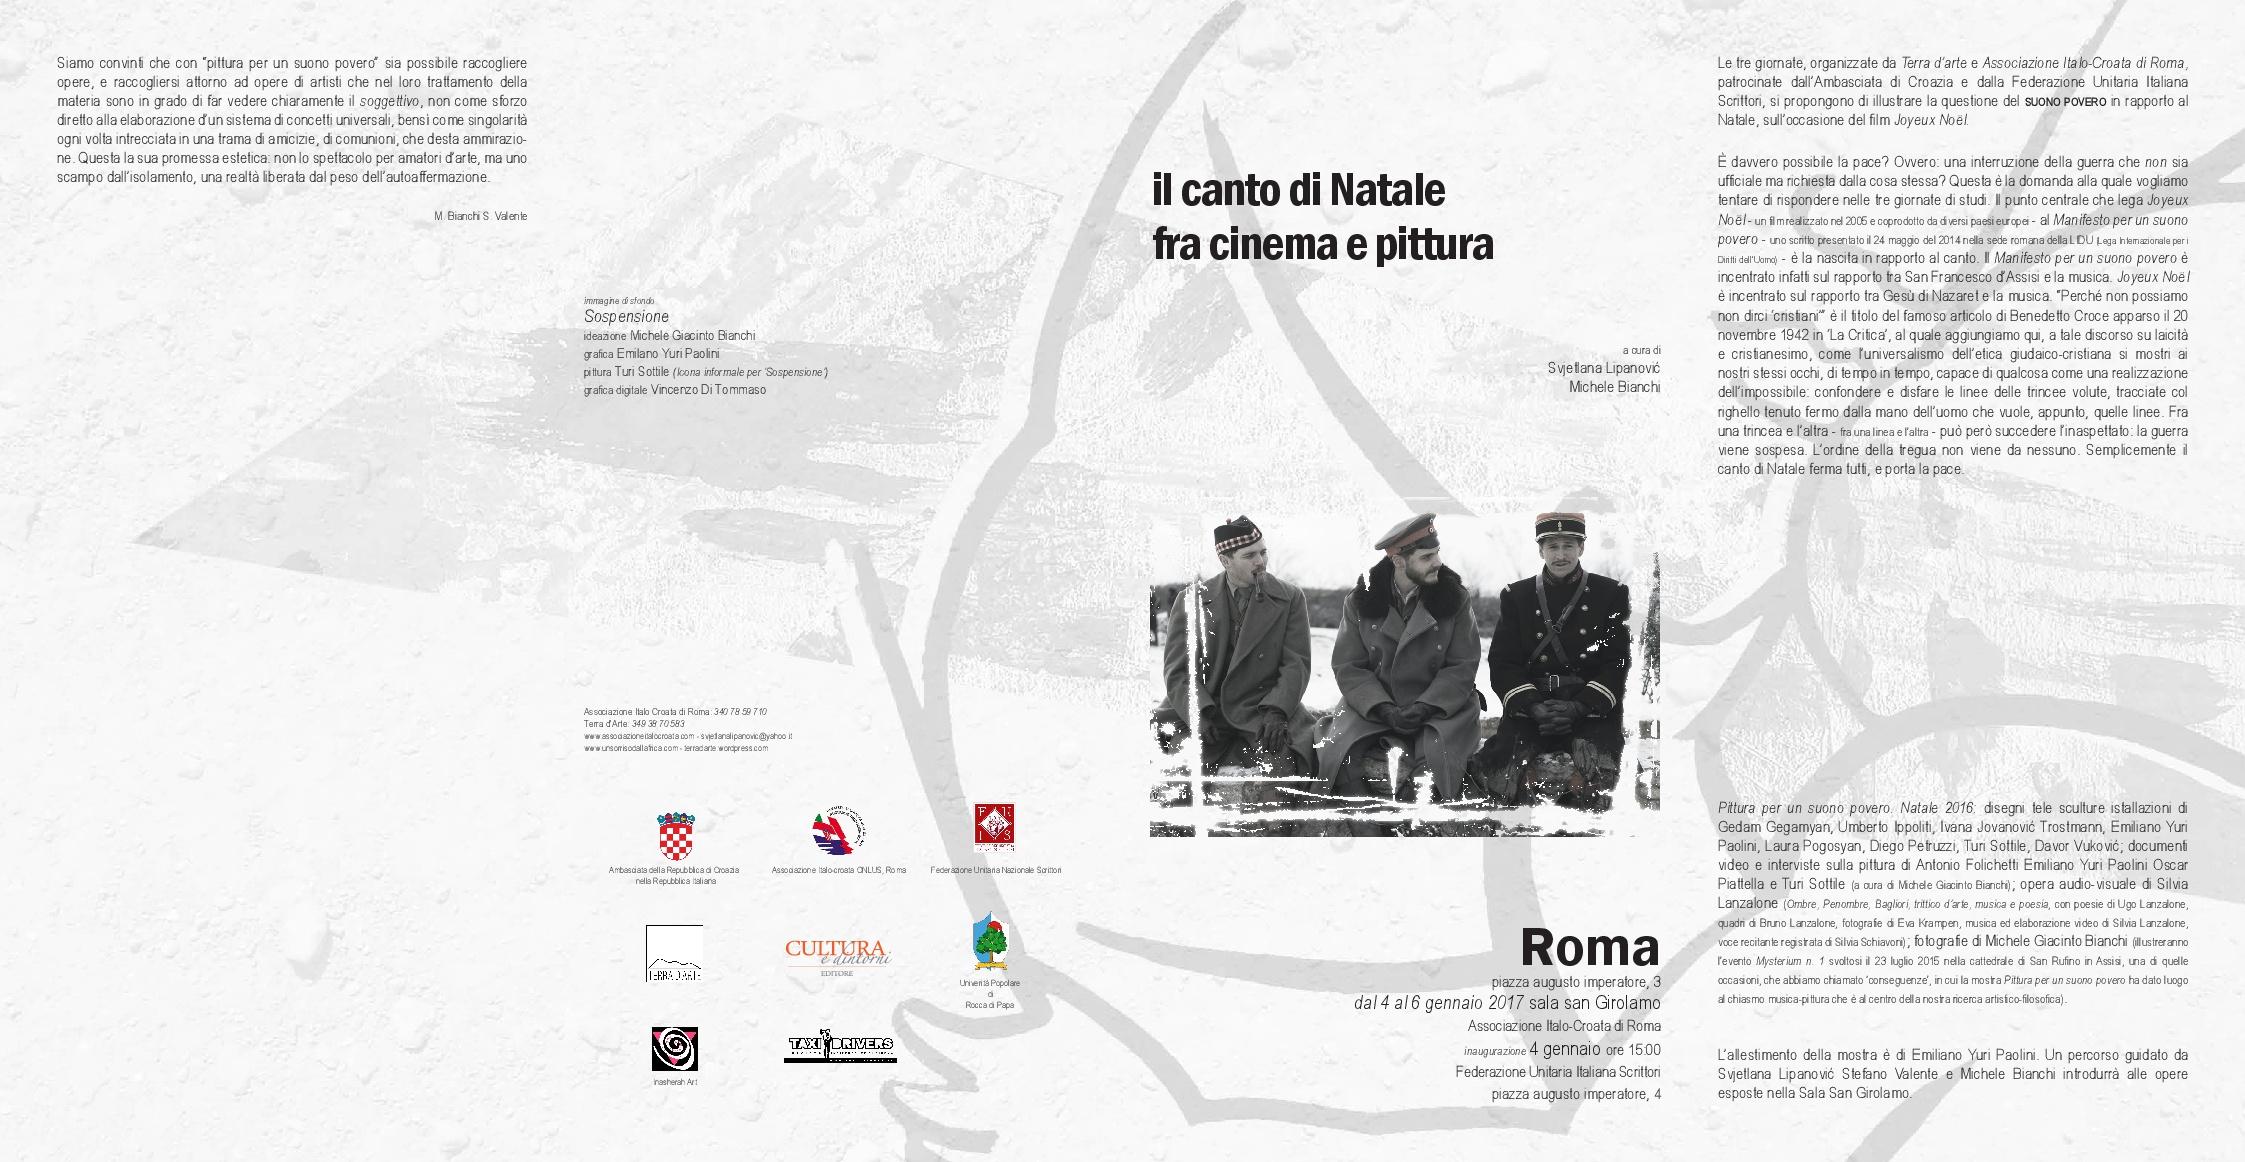 locandina-pieghevole-mostra-evento-canto-di-natale-fra-cinema-e-pittura-4-6-gen-2017-def-001